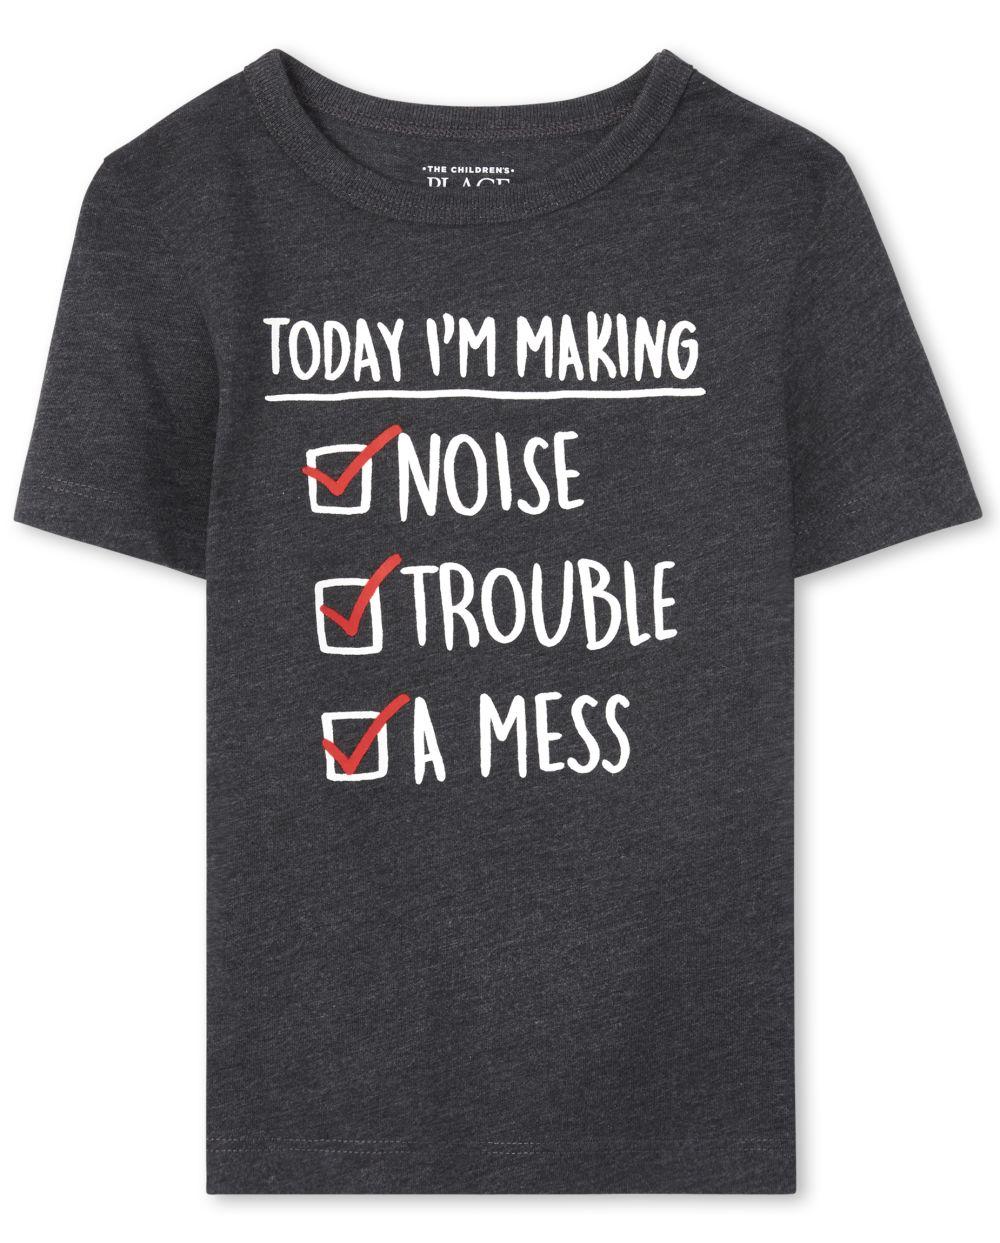 Camiseta estampada con problemas para bebés y niños pequeños